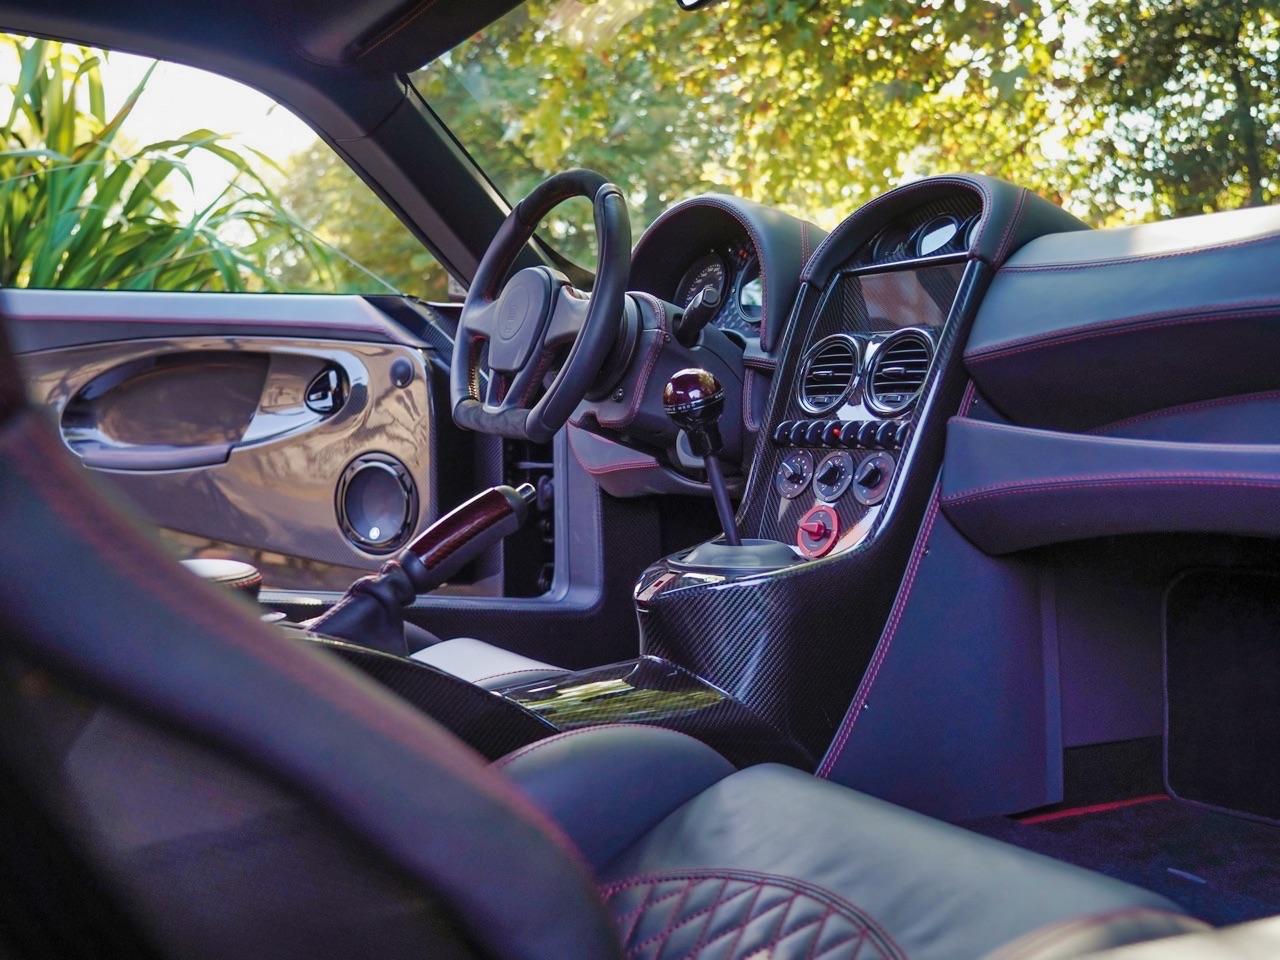 Noble M600 CarbonSport - Va y avoir du carbone et du... sport ! 13